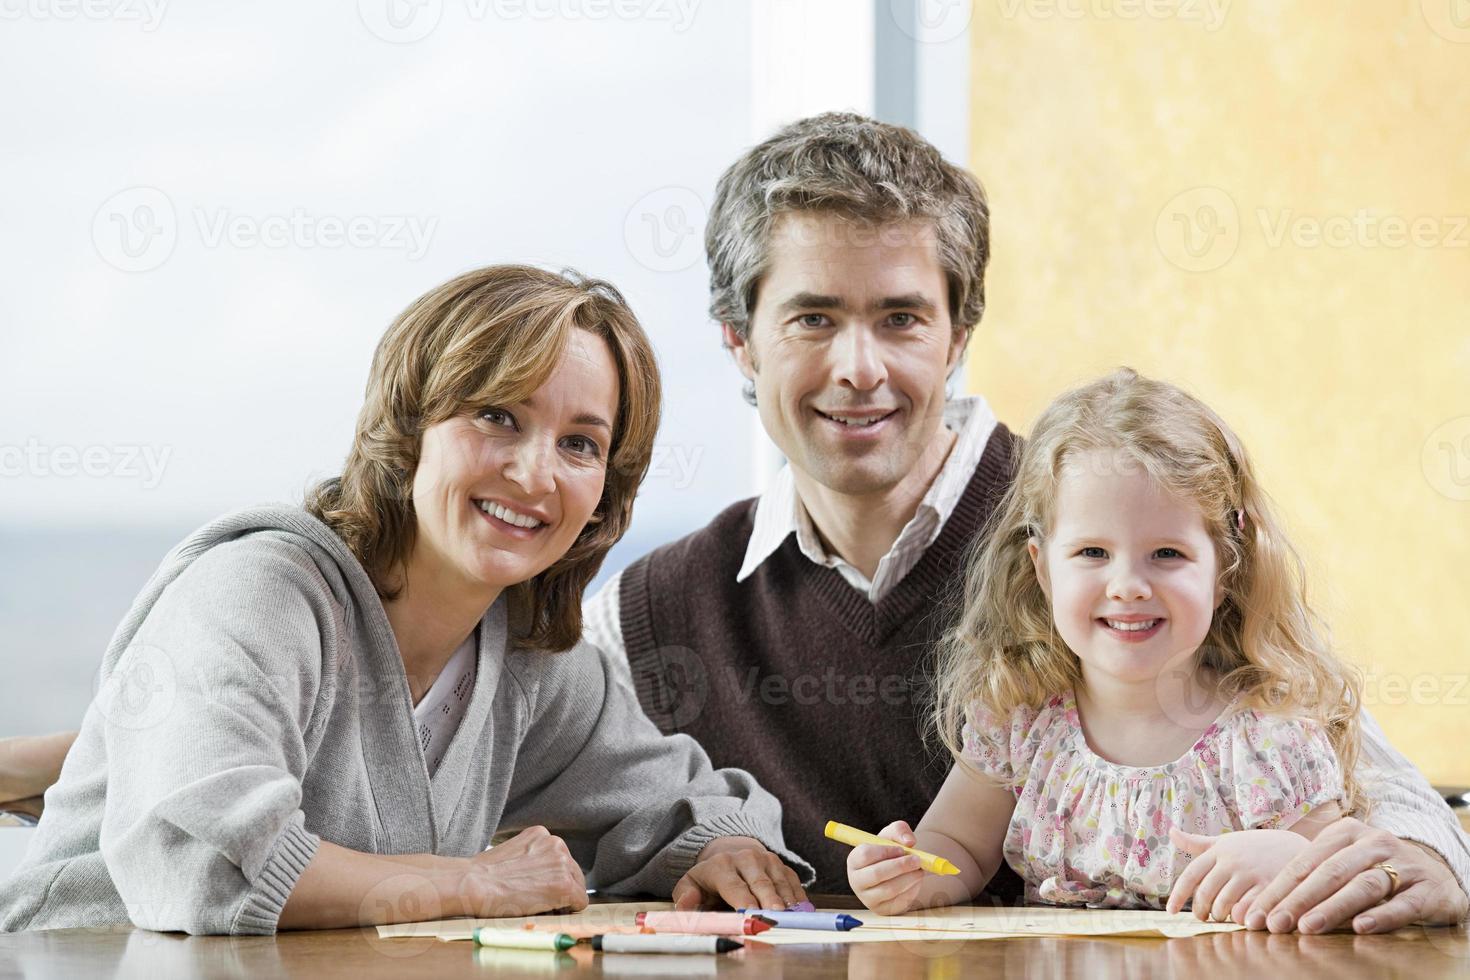 porträtt av en far och en dotter foto